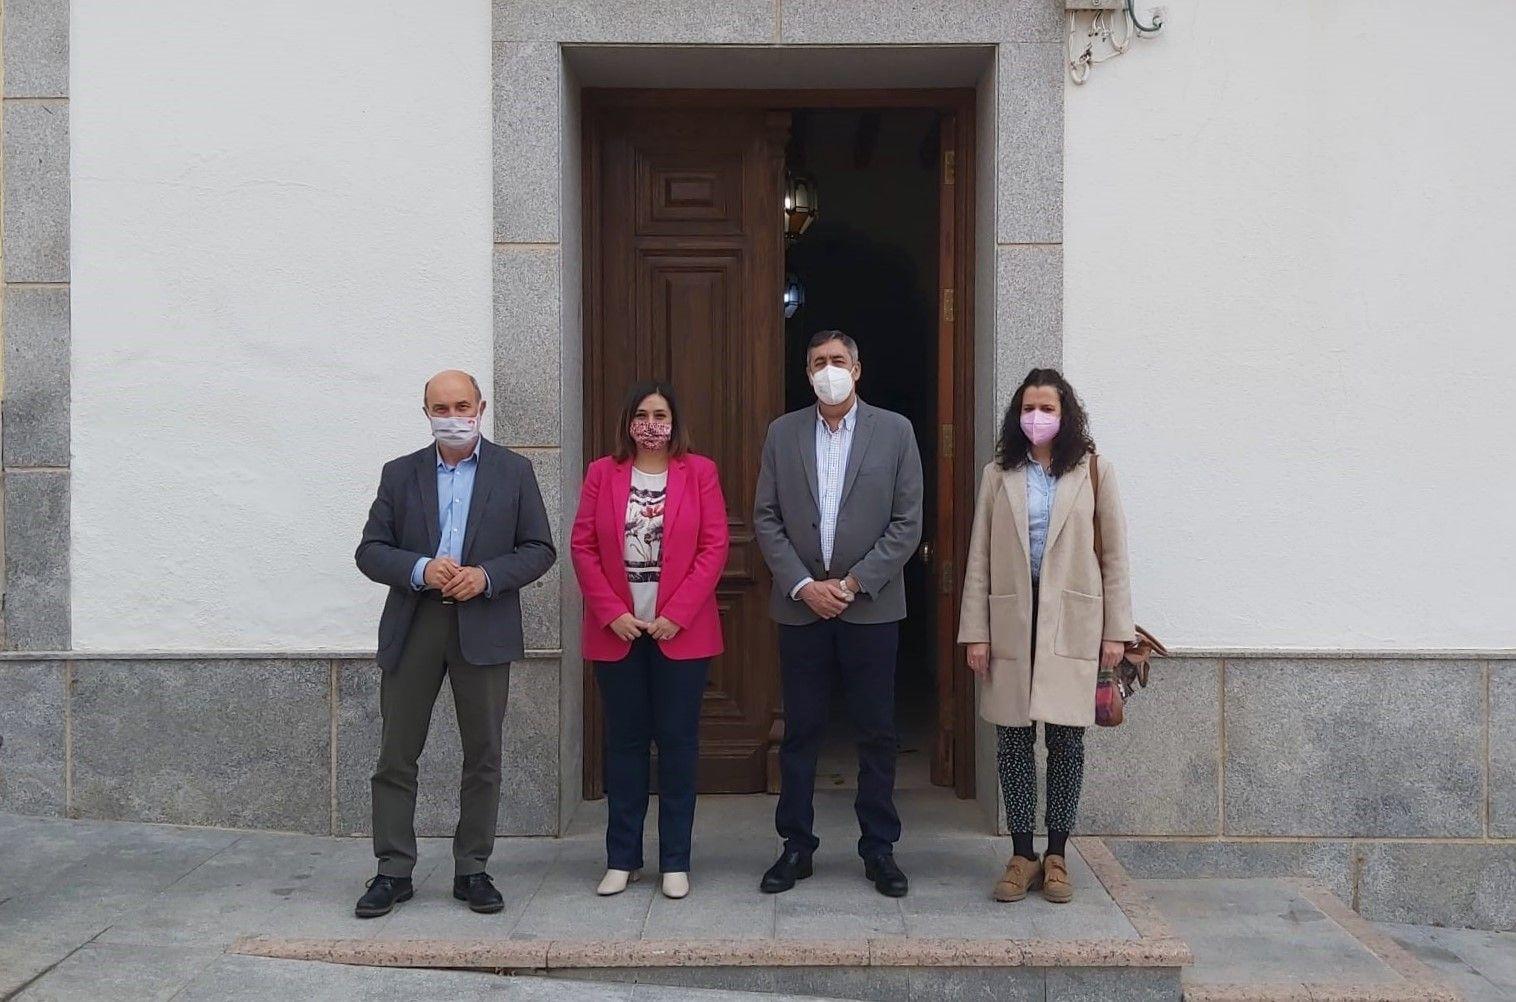 El Gobierno de Castilla-La Mancha se interesa por el museo sobre el inventor Mónico Sánchez que proyecta el Ayuntamiento de Piedrabuena